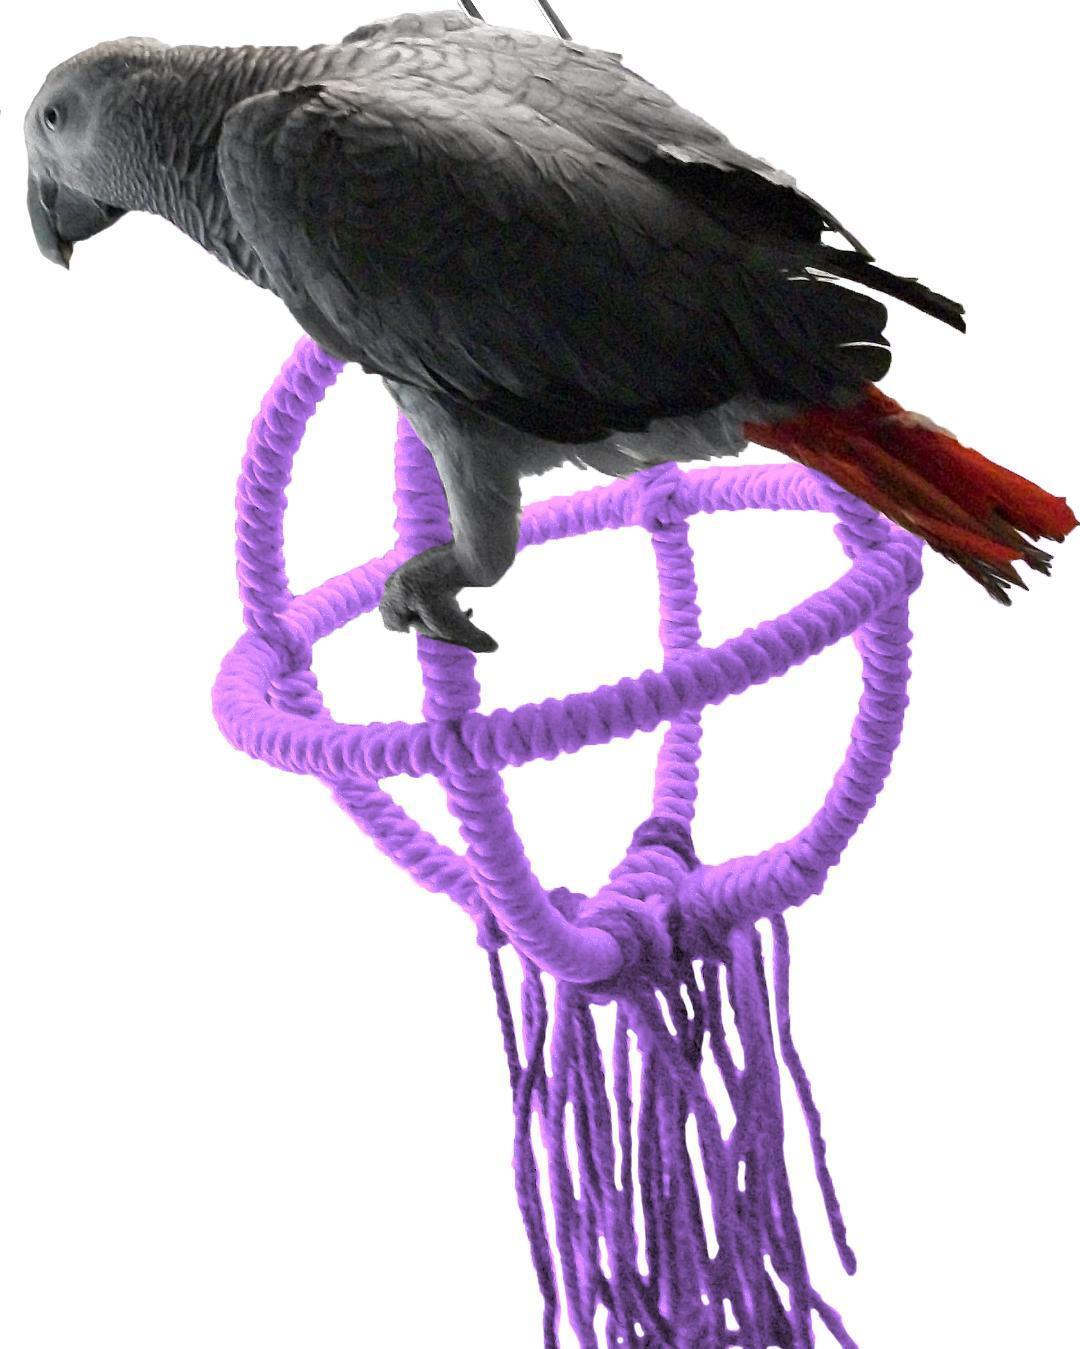 Medium Purple Parred Orbit Swing Toys Perches